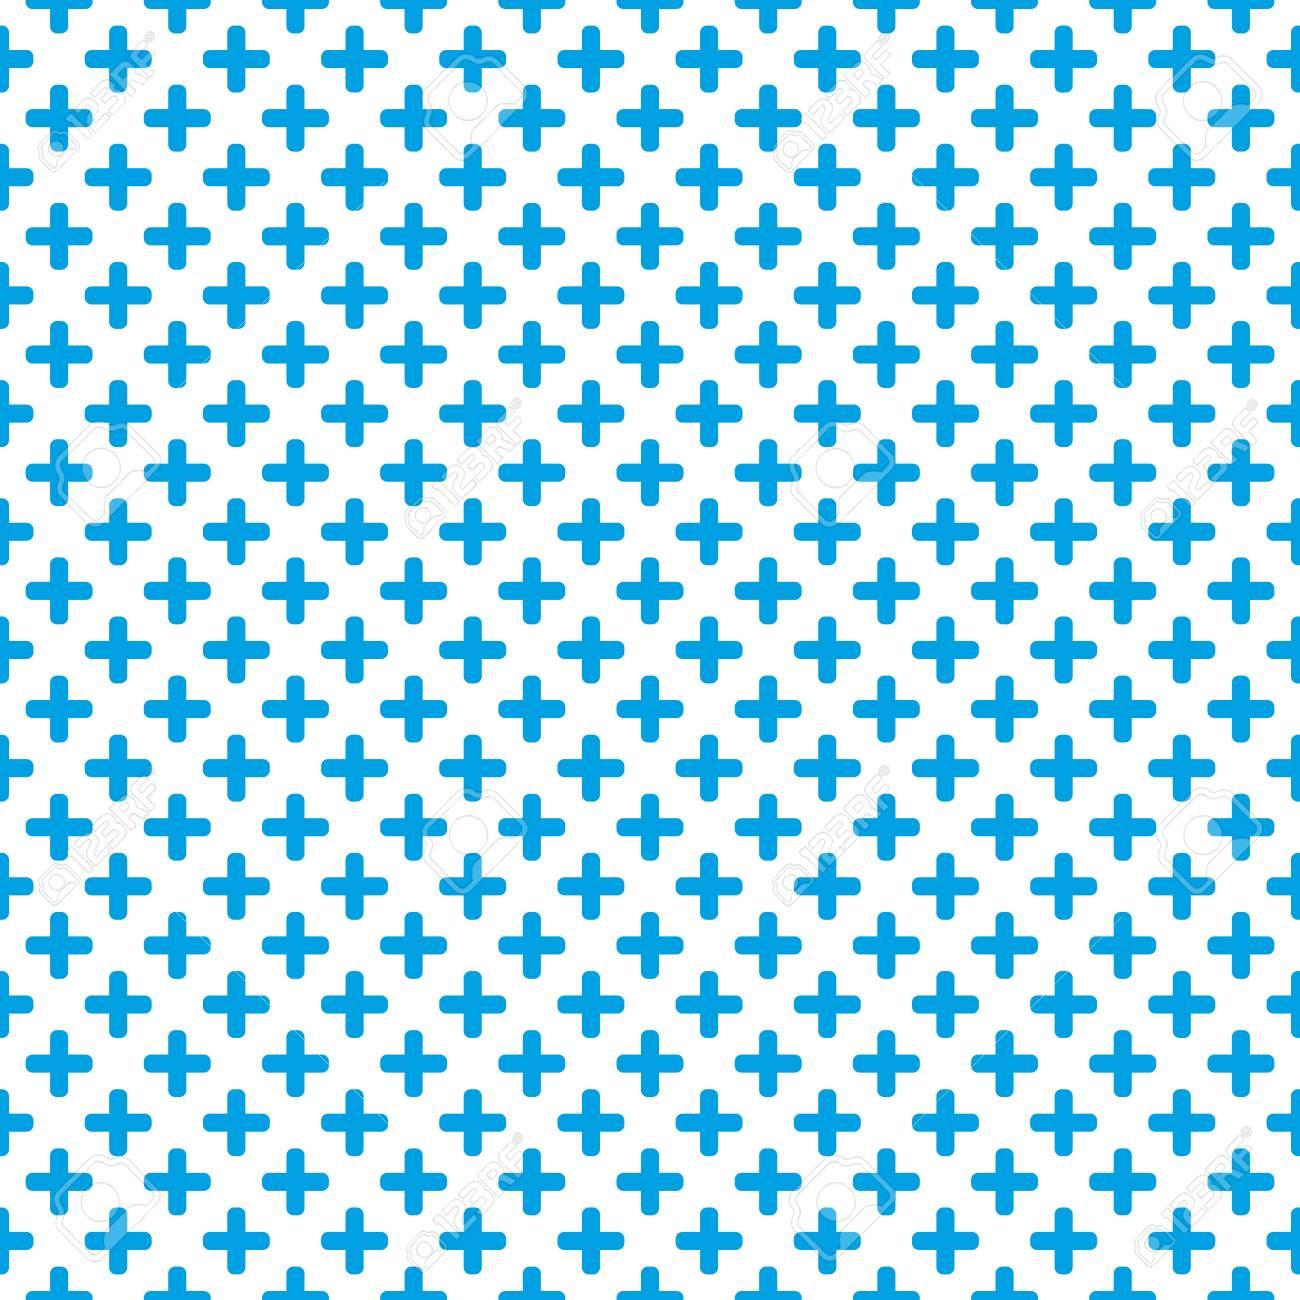 Modele Vectoriel De La Mosaique Carrelage Bleu Et Blanc Pour Le Papier Peint De Decoration Transparente